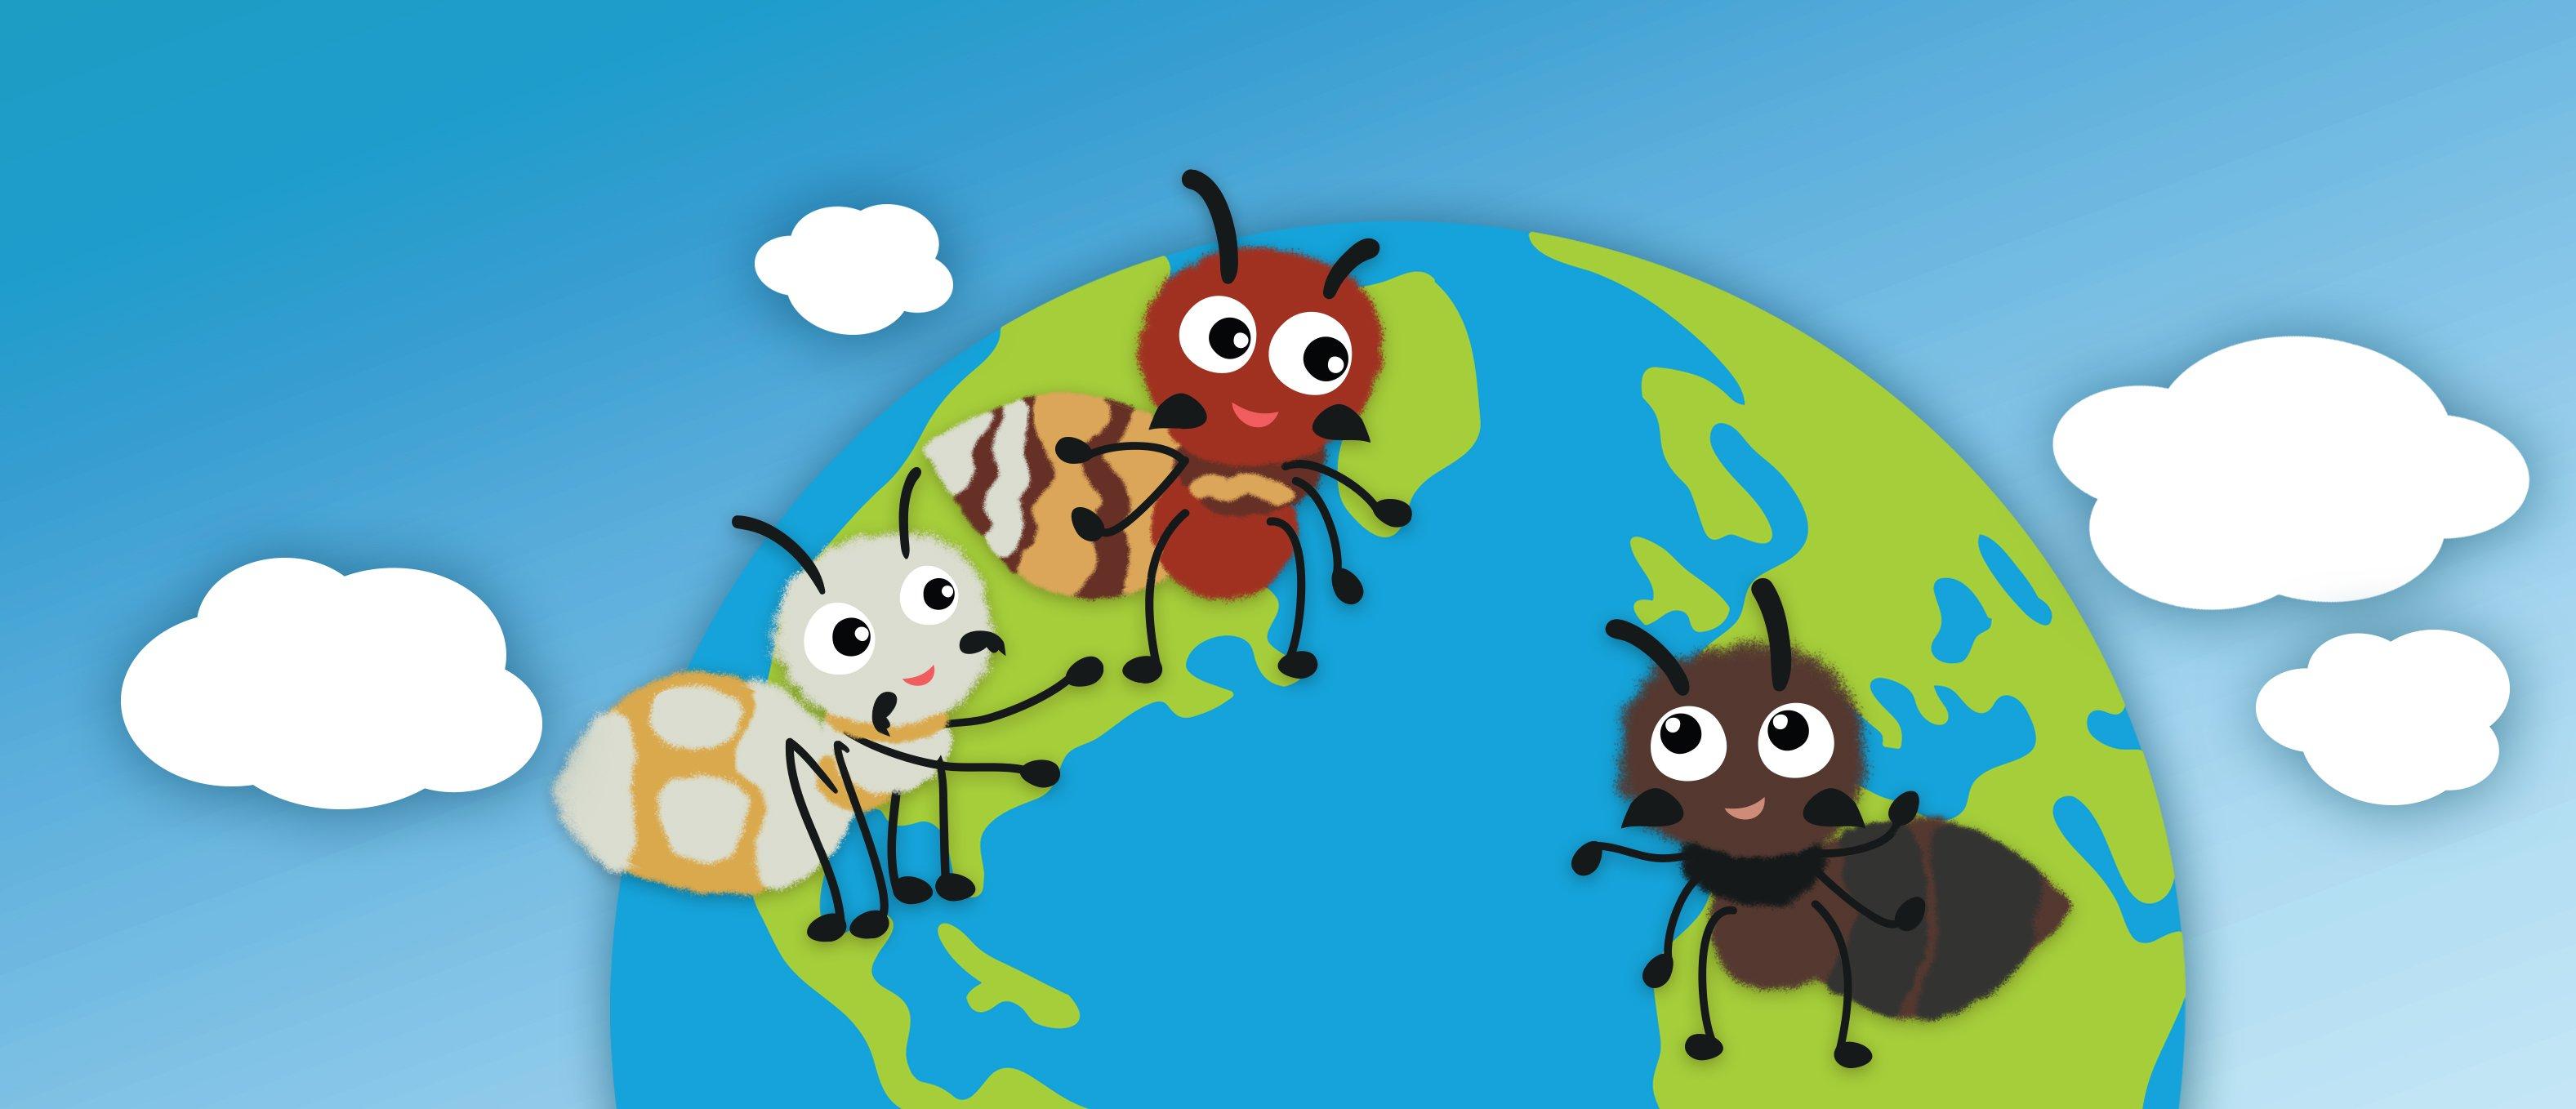 картинки муравьишки для оформления пары растет сын